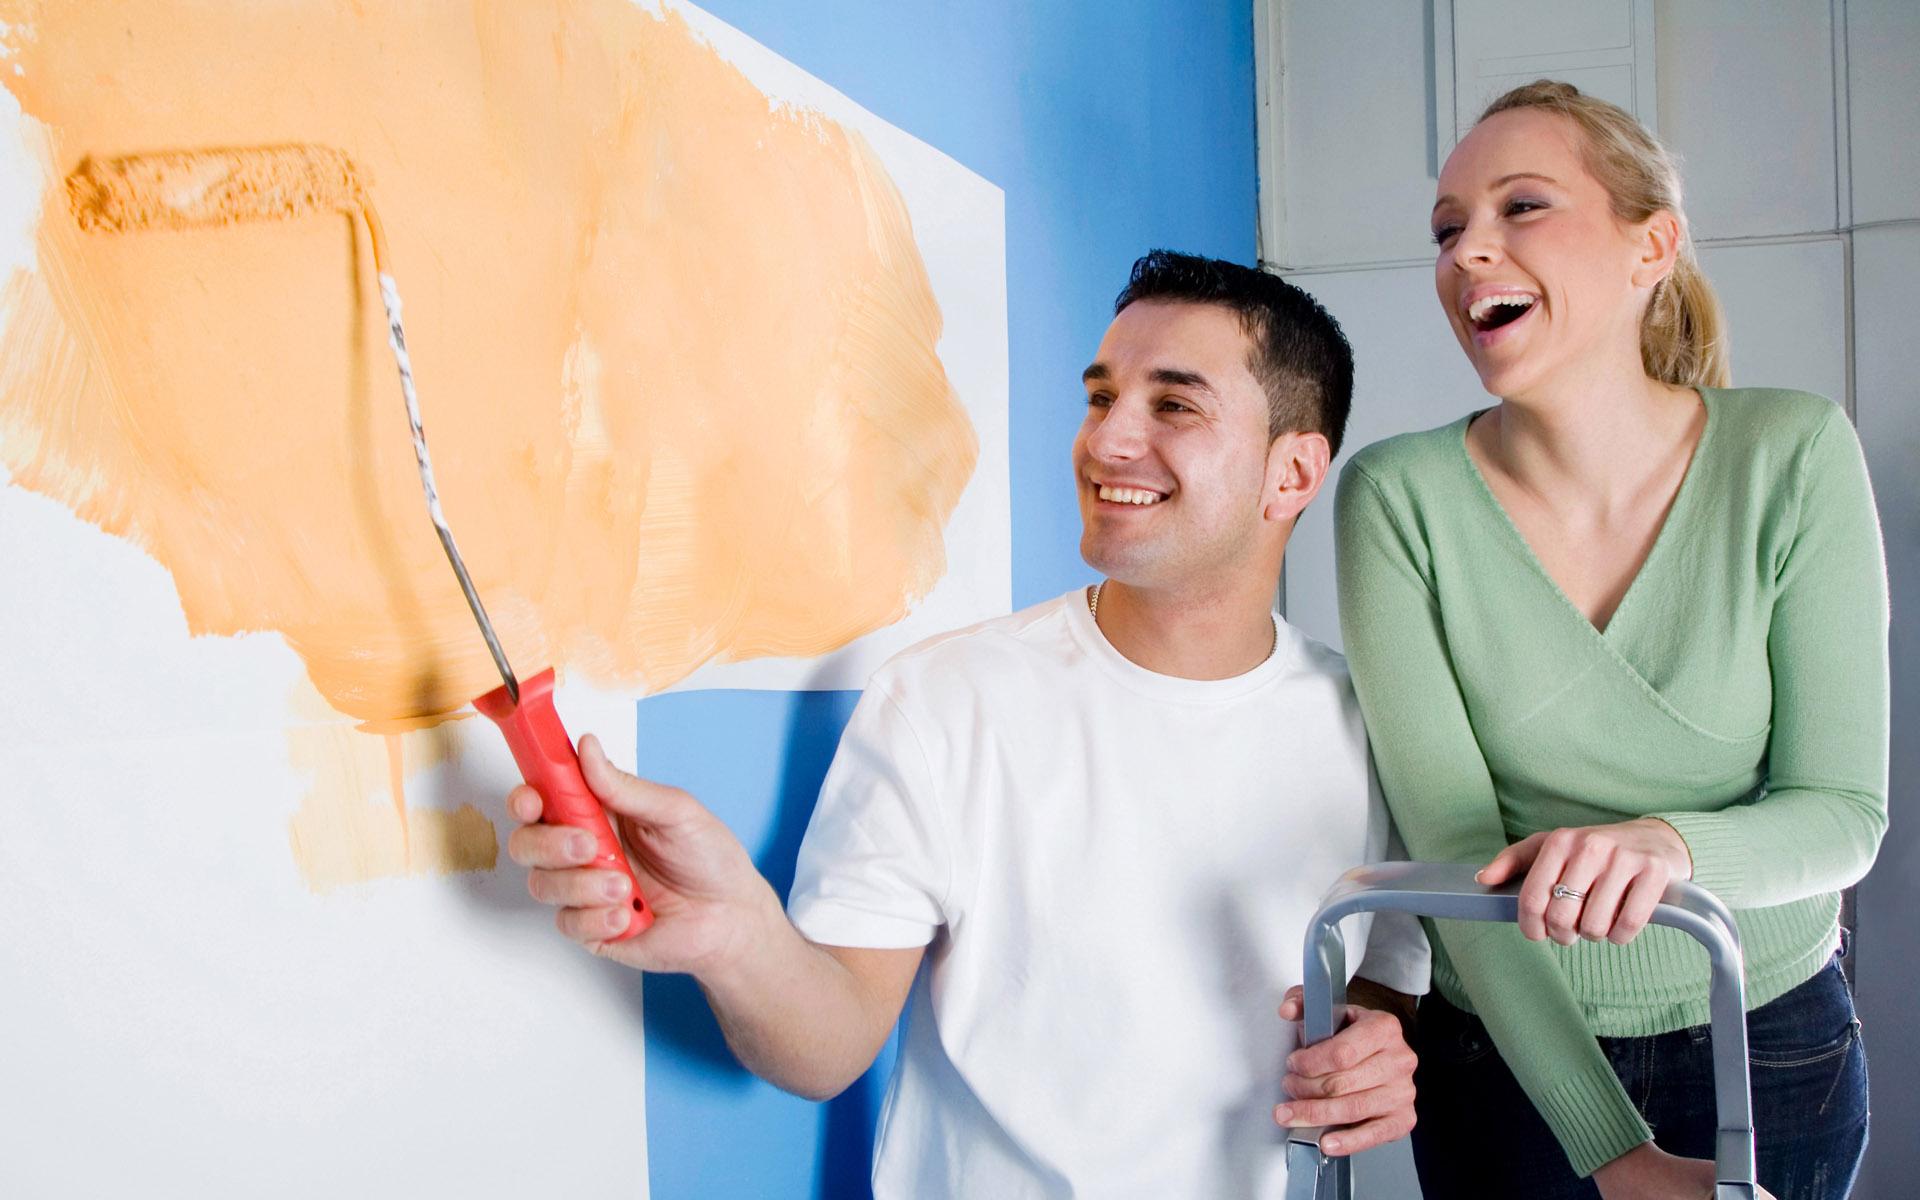 этой картинки с людьми и ремонтом квартир расположен самый